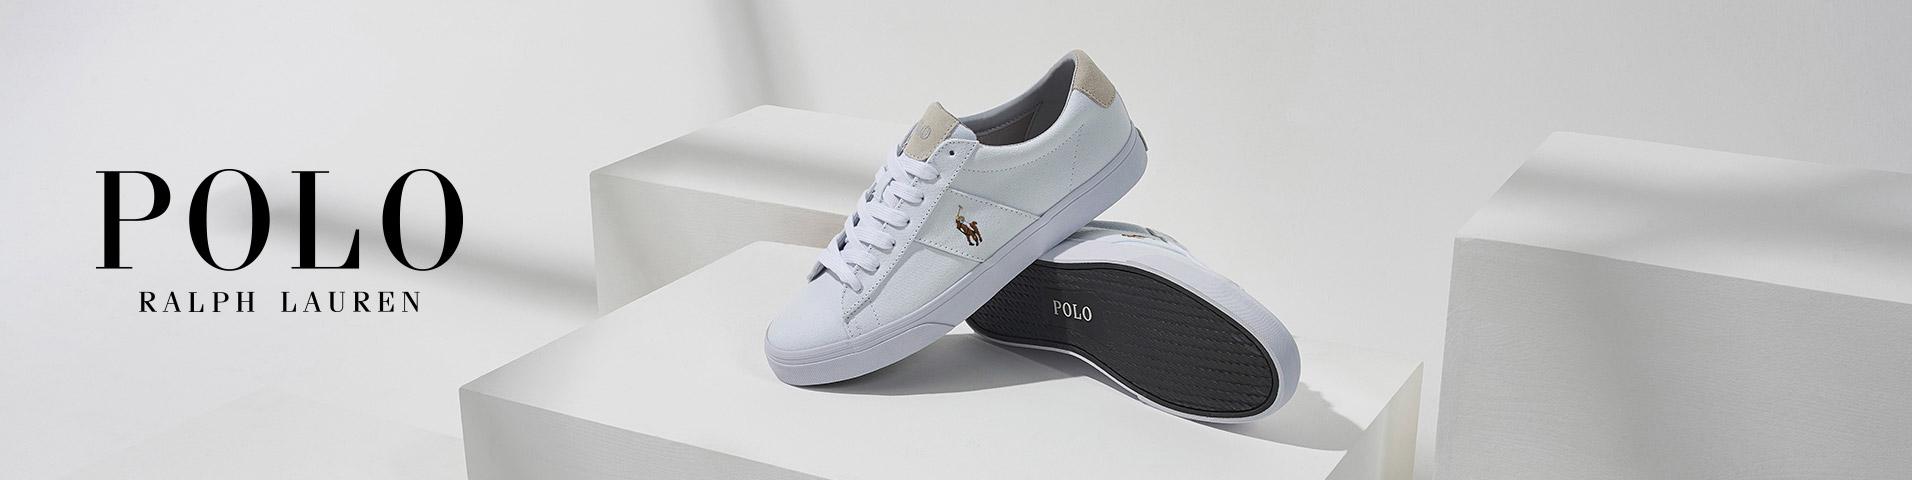 En Homme Ligne Ralph Choix Lauren Sur Chaussures Polo NoirLarge CxtsdhrQ